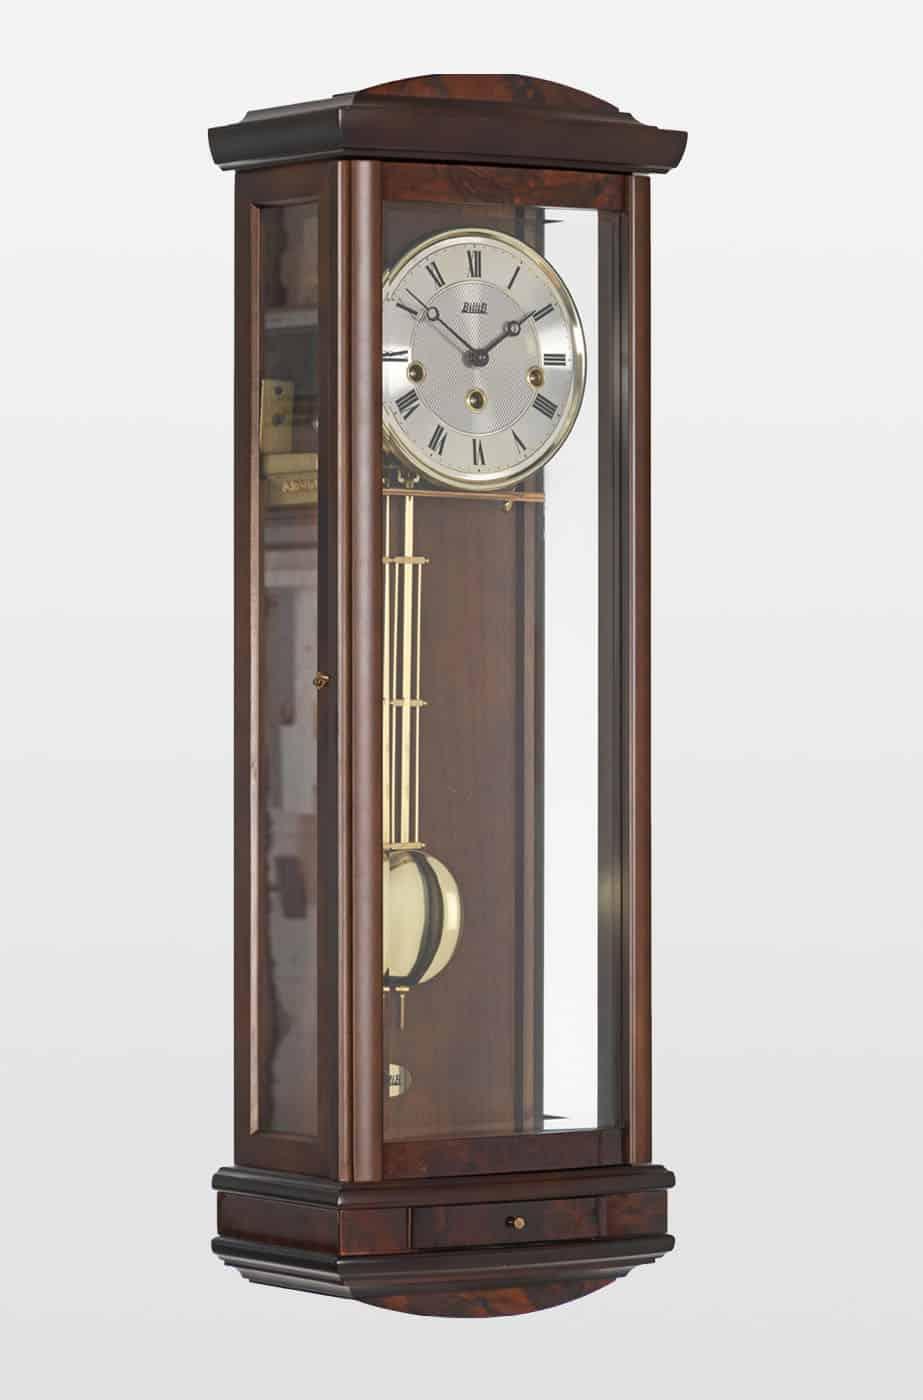 Abbeydale Mechanical Wall Clock in Walnut Finish